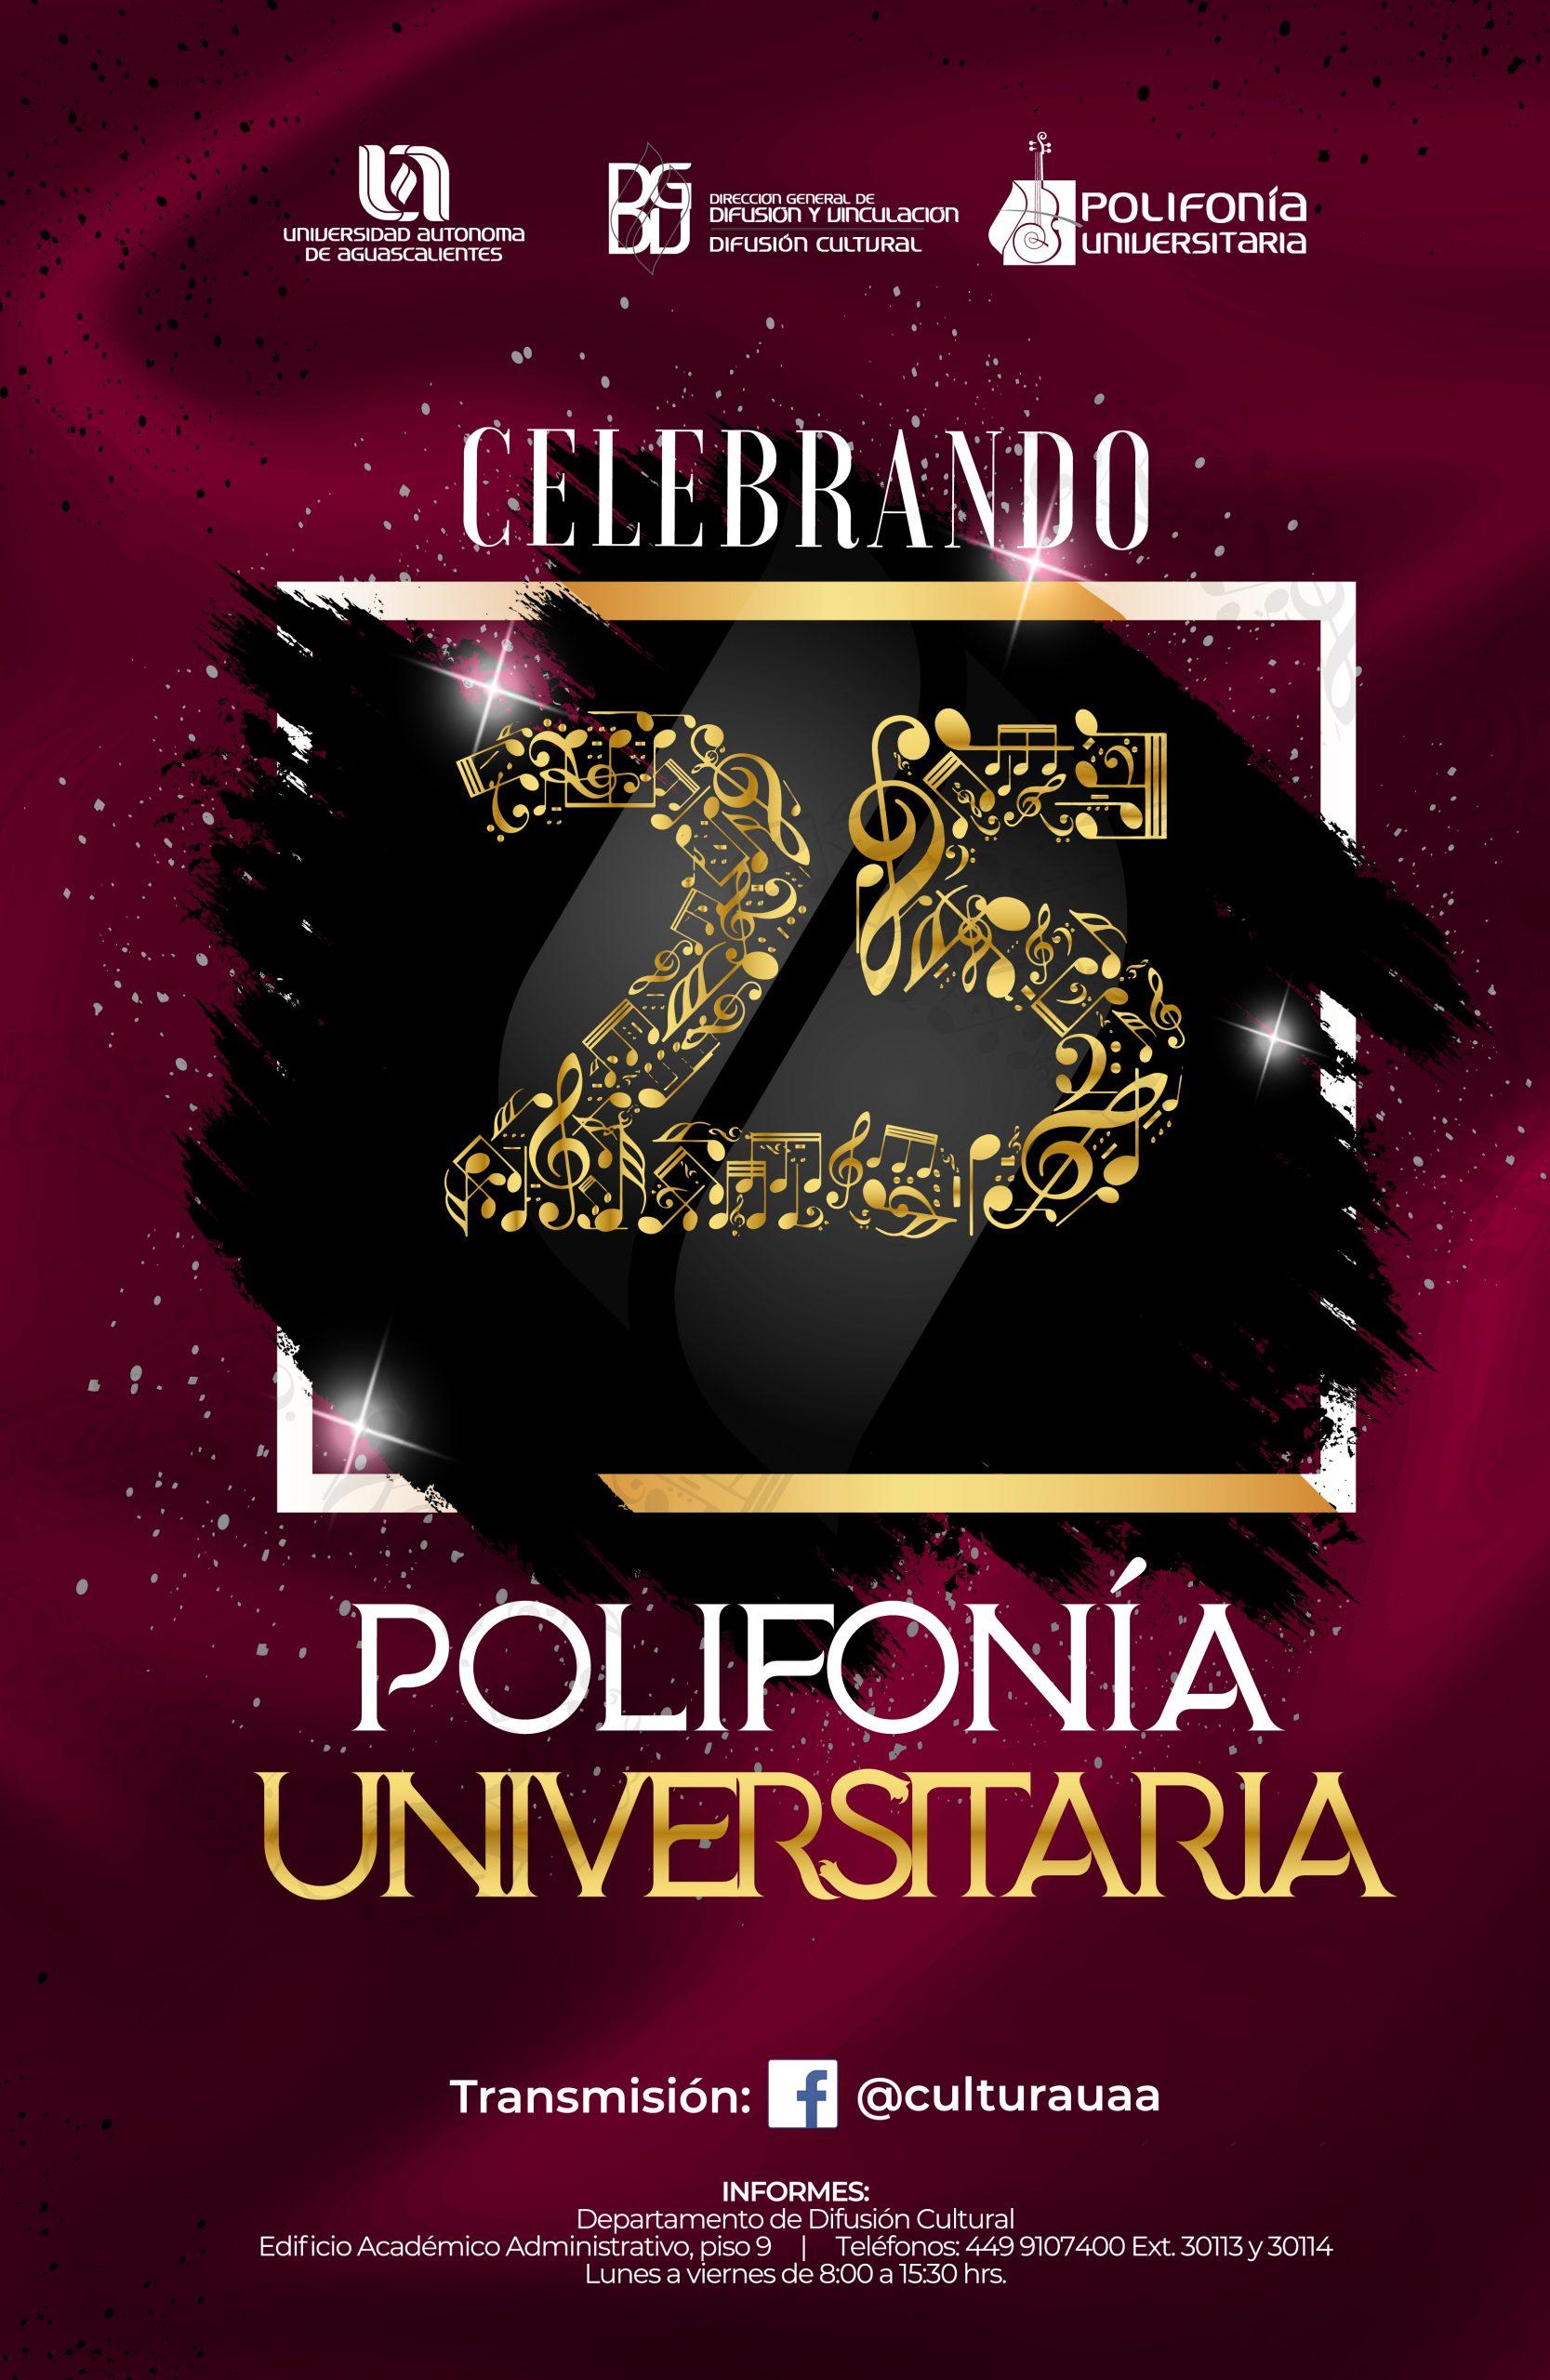 Polifonía Universitaria